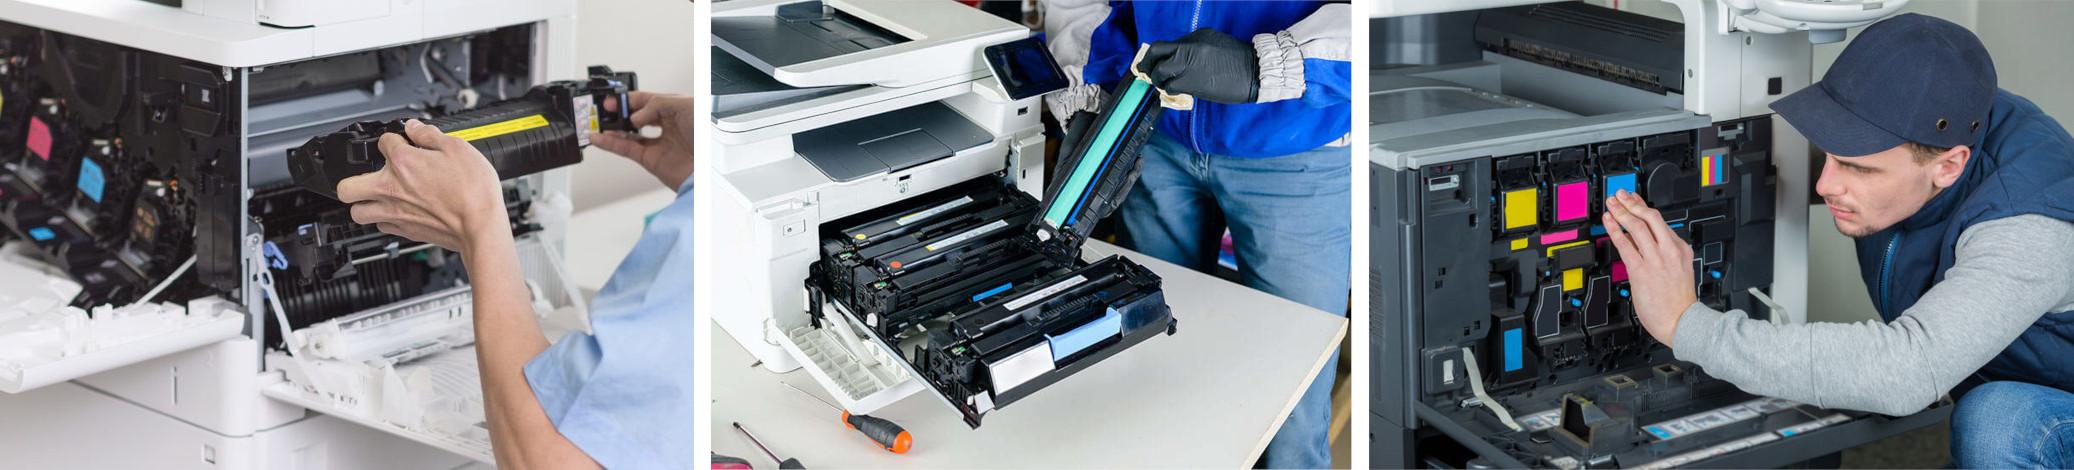 service imprimante si copiatoare